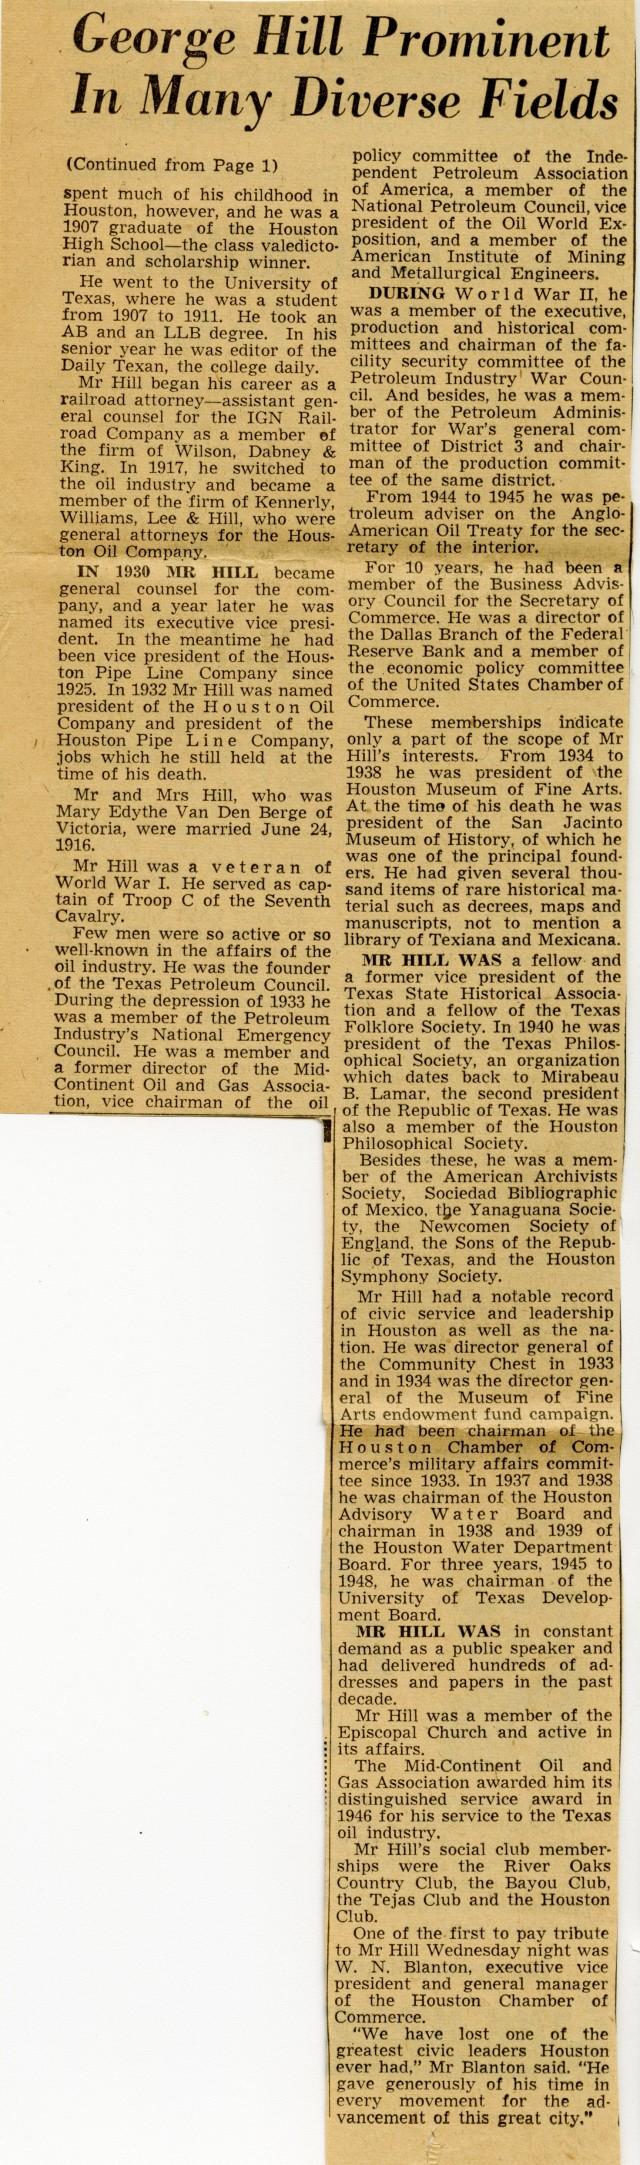 Kolenda Post November 3 1949 2 053